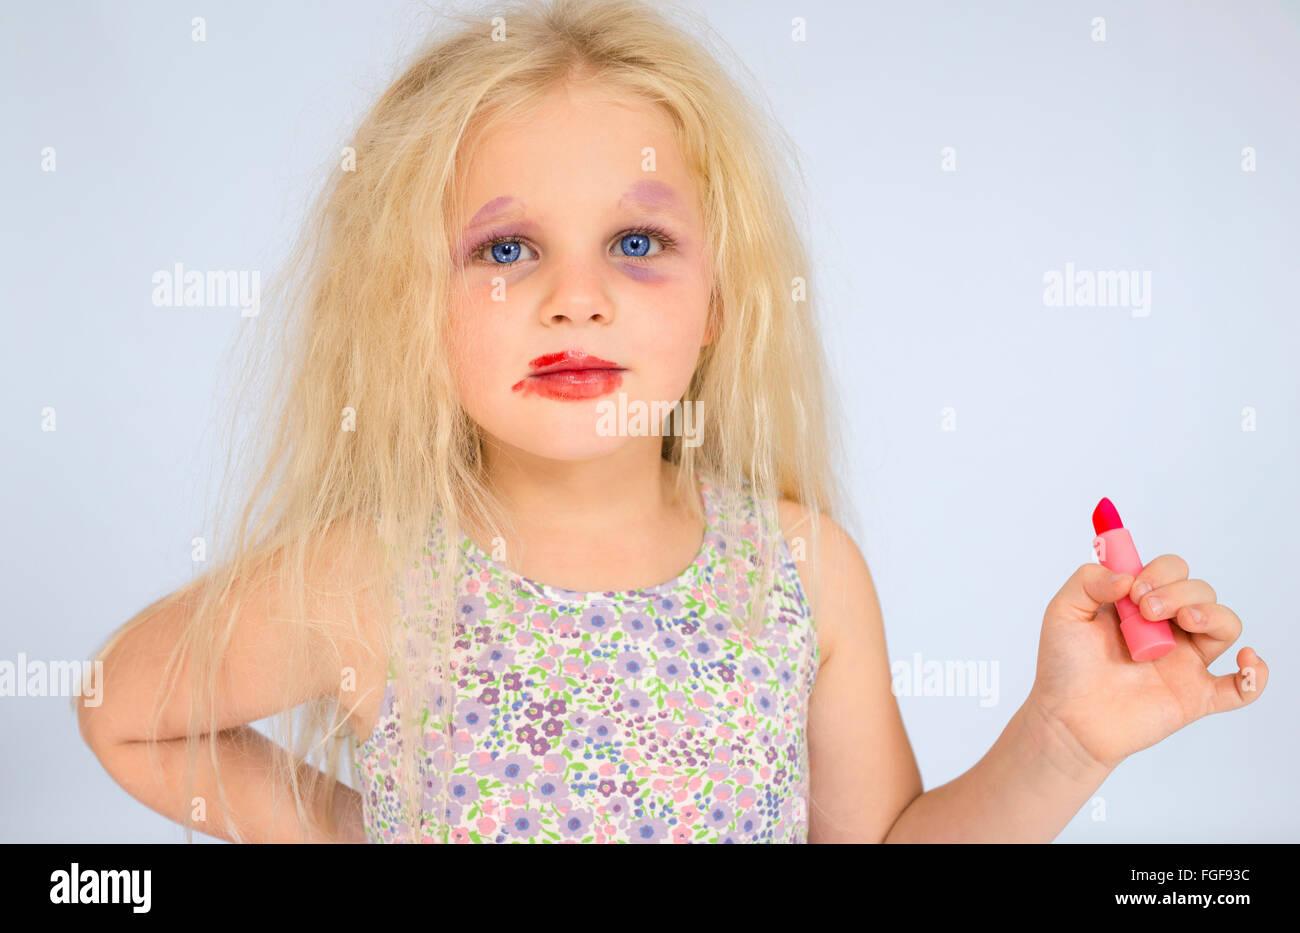 Jeune fille aux cheveux blonds portant des taches composent la tenue d'un rouge à lèvres rouge Photo Stock